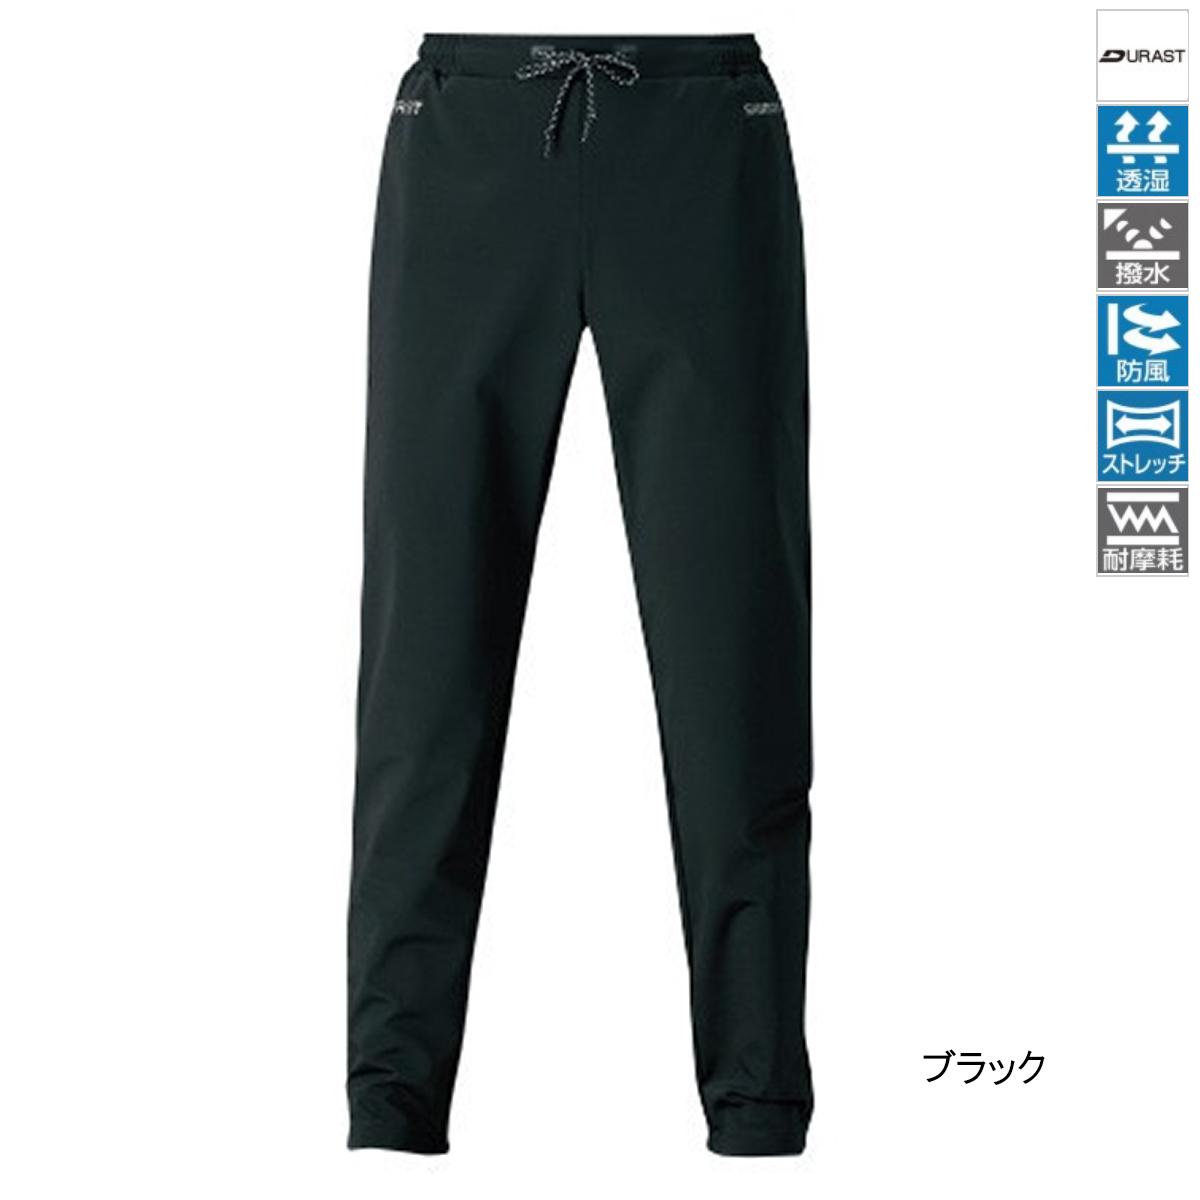 シマノ XEFO DURAST ジョガーパンツ WP-255S L ブラック(東日本店)